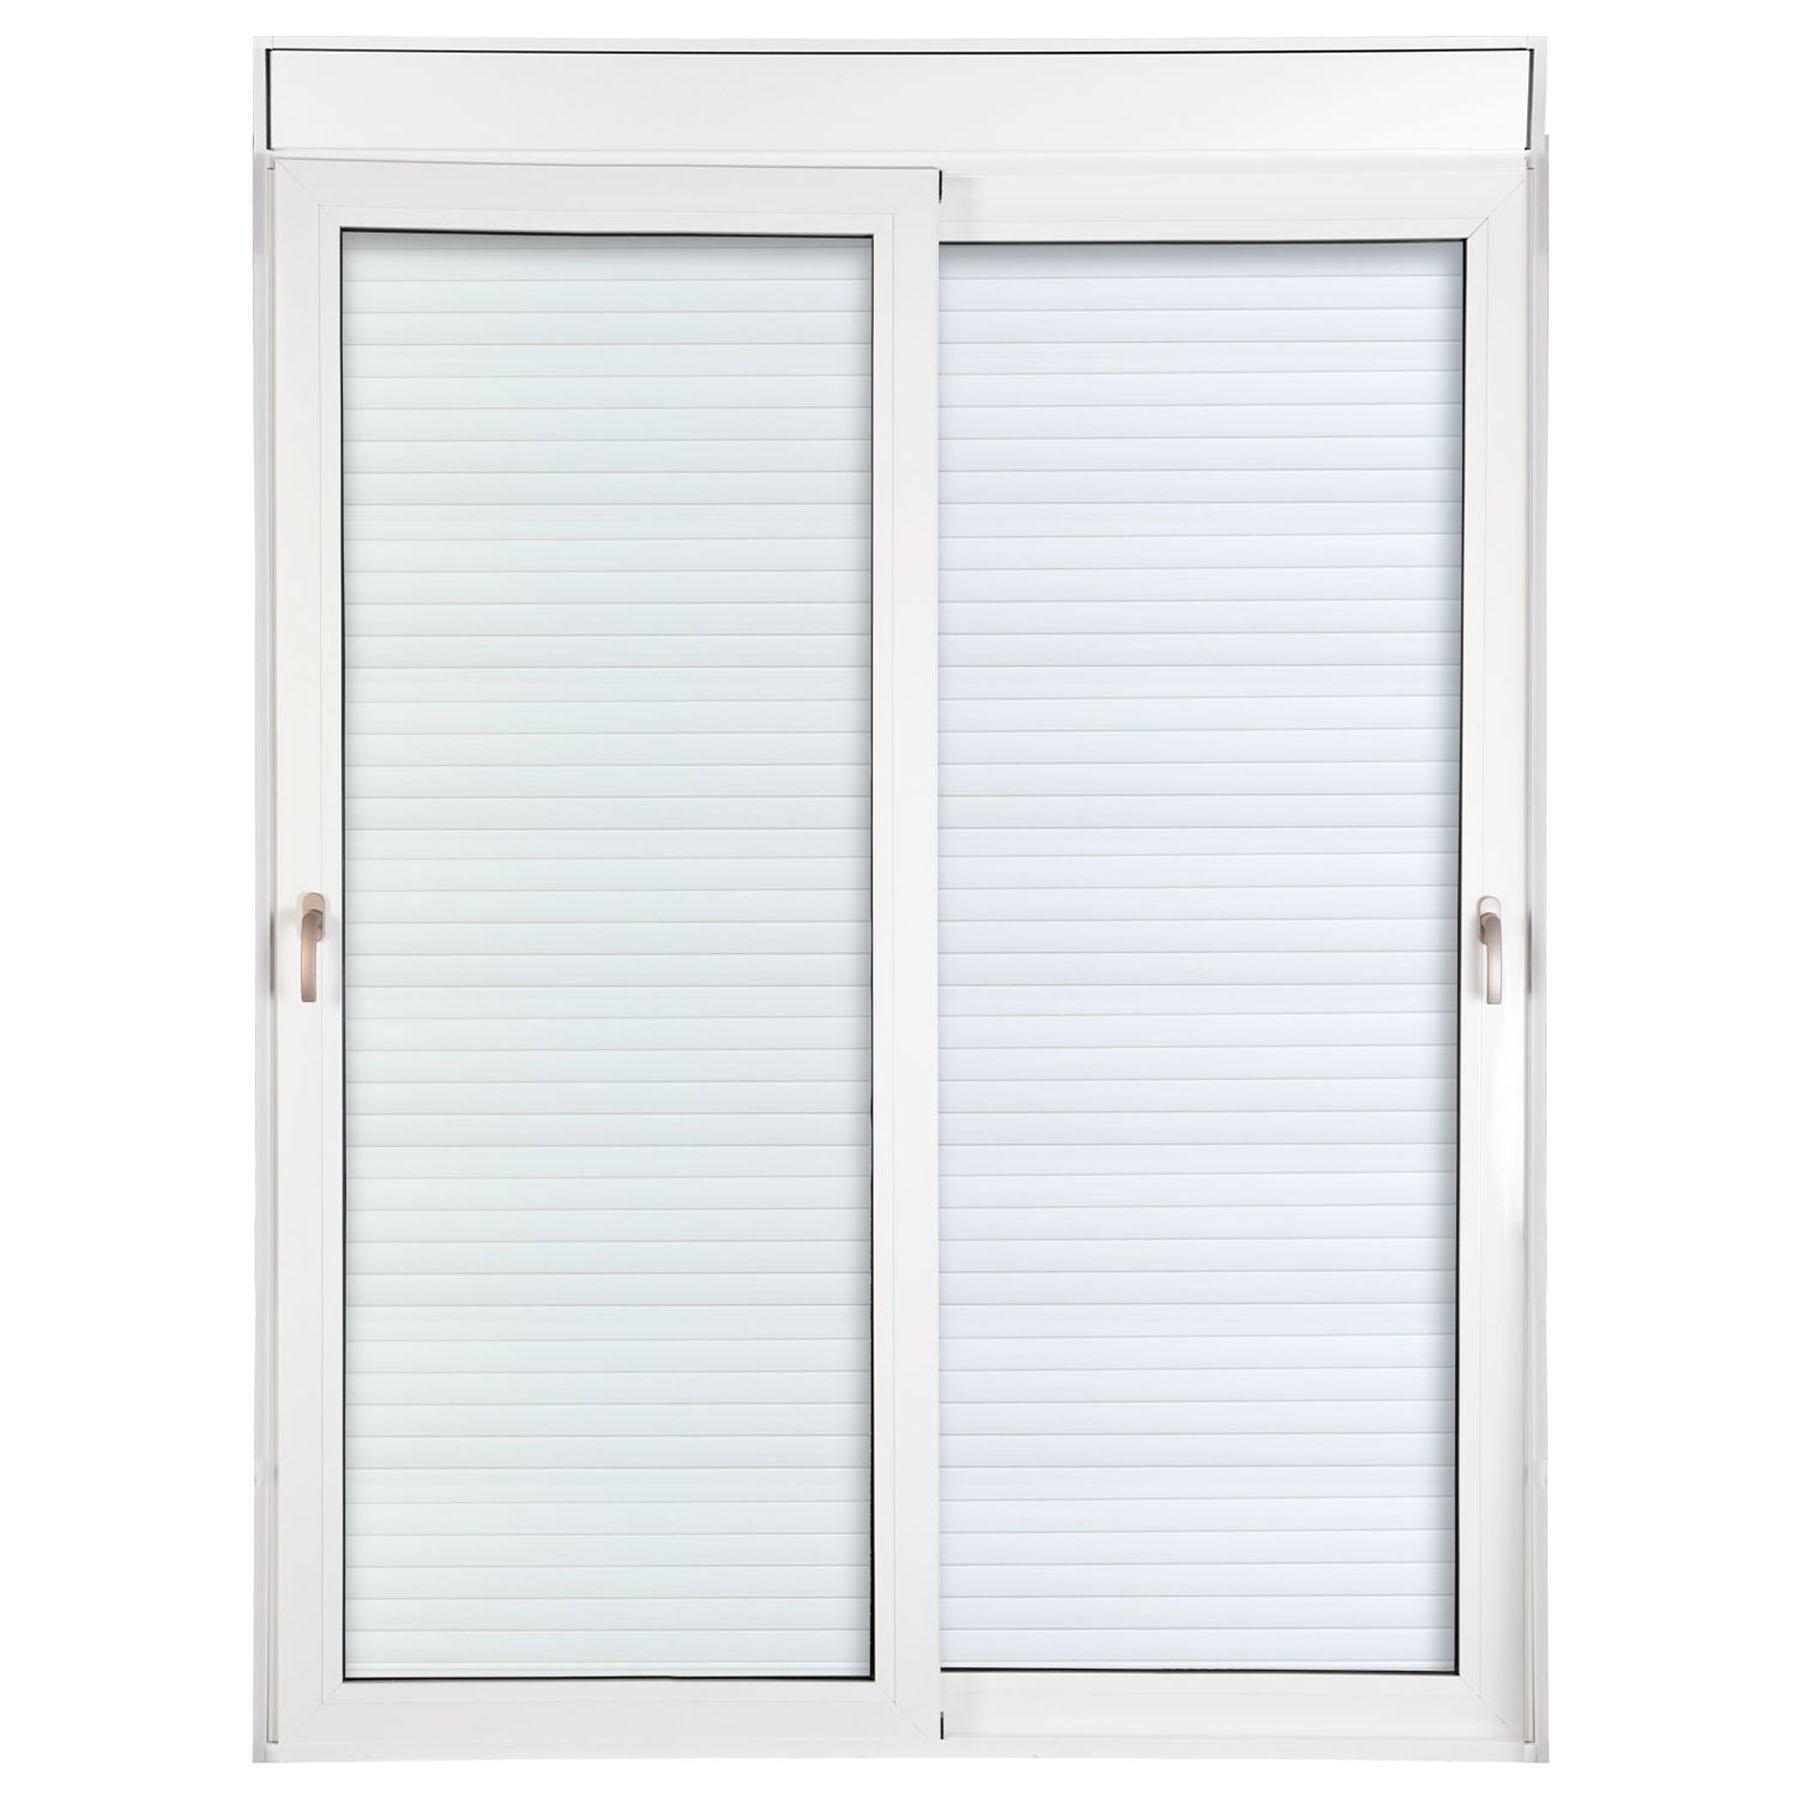 Porta 2 folhas de Correr com Vidro com Sem Travessa e Persiana Automática 220V com Fecho Multiponto - 150x235 - Veneza